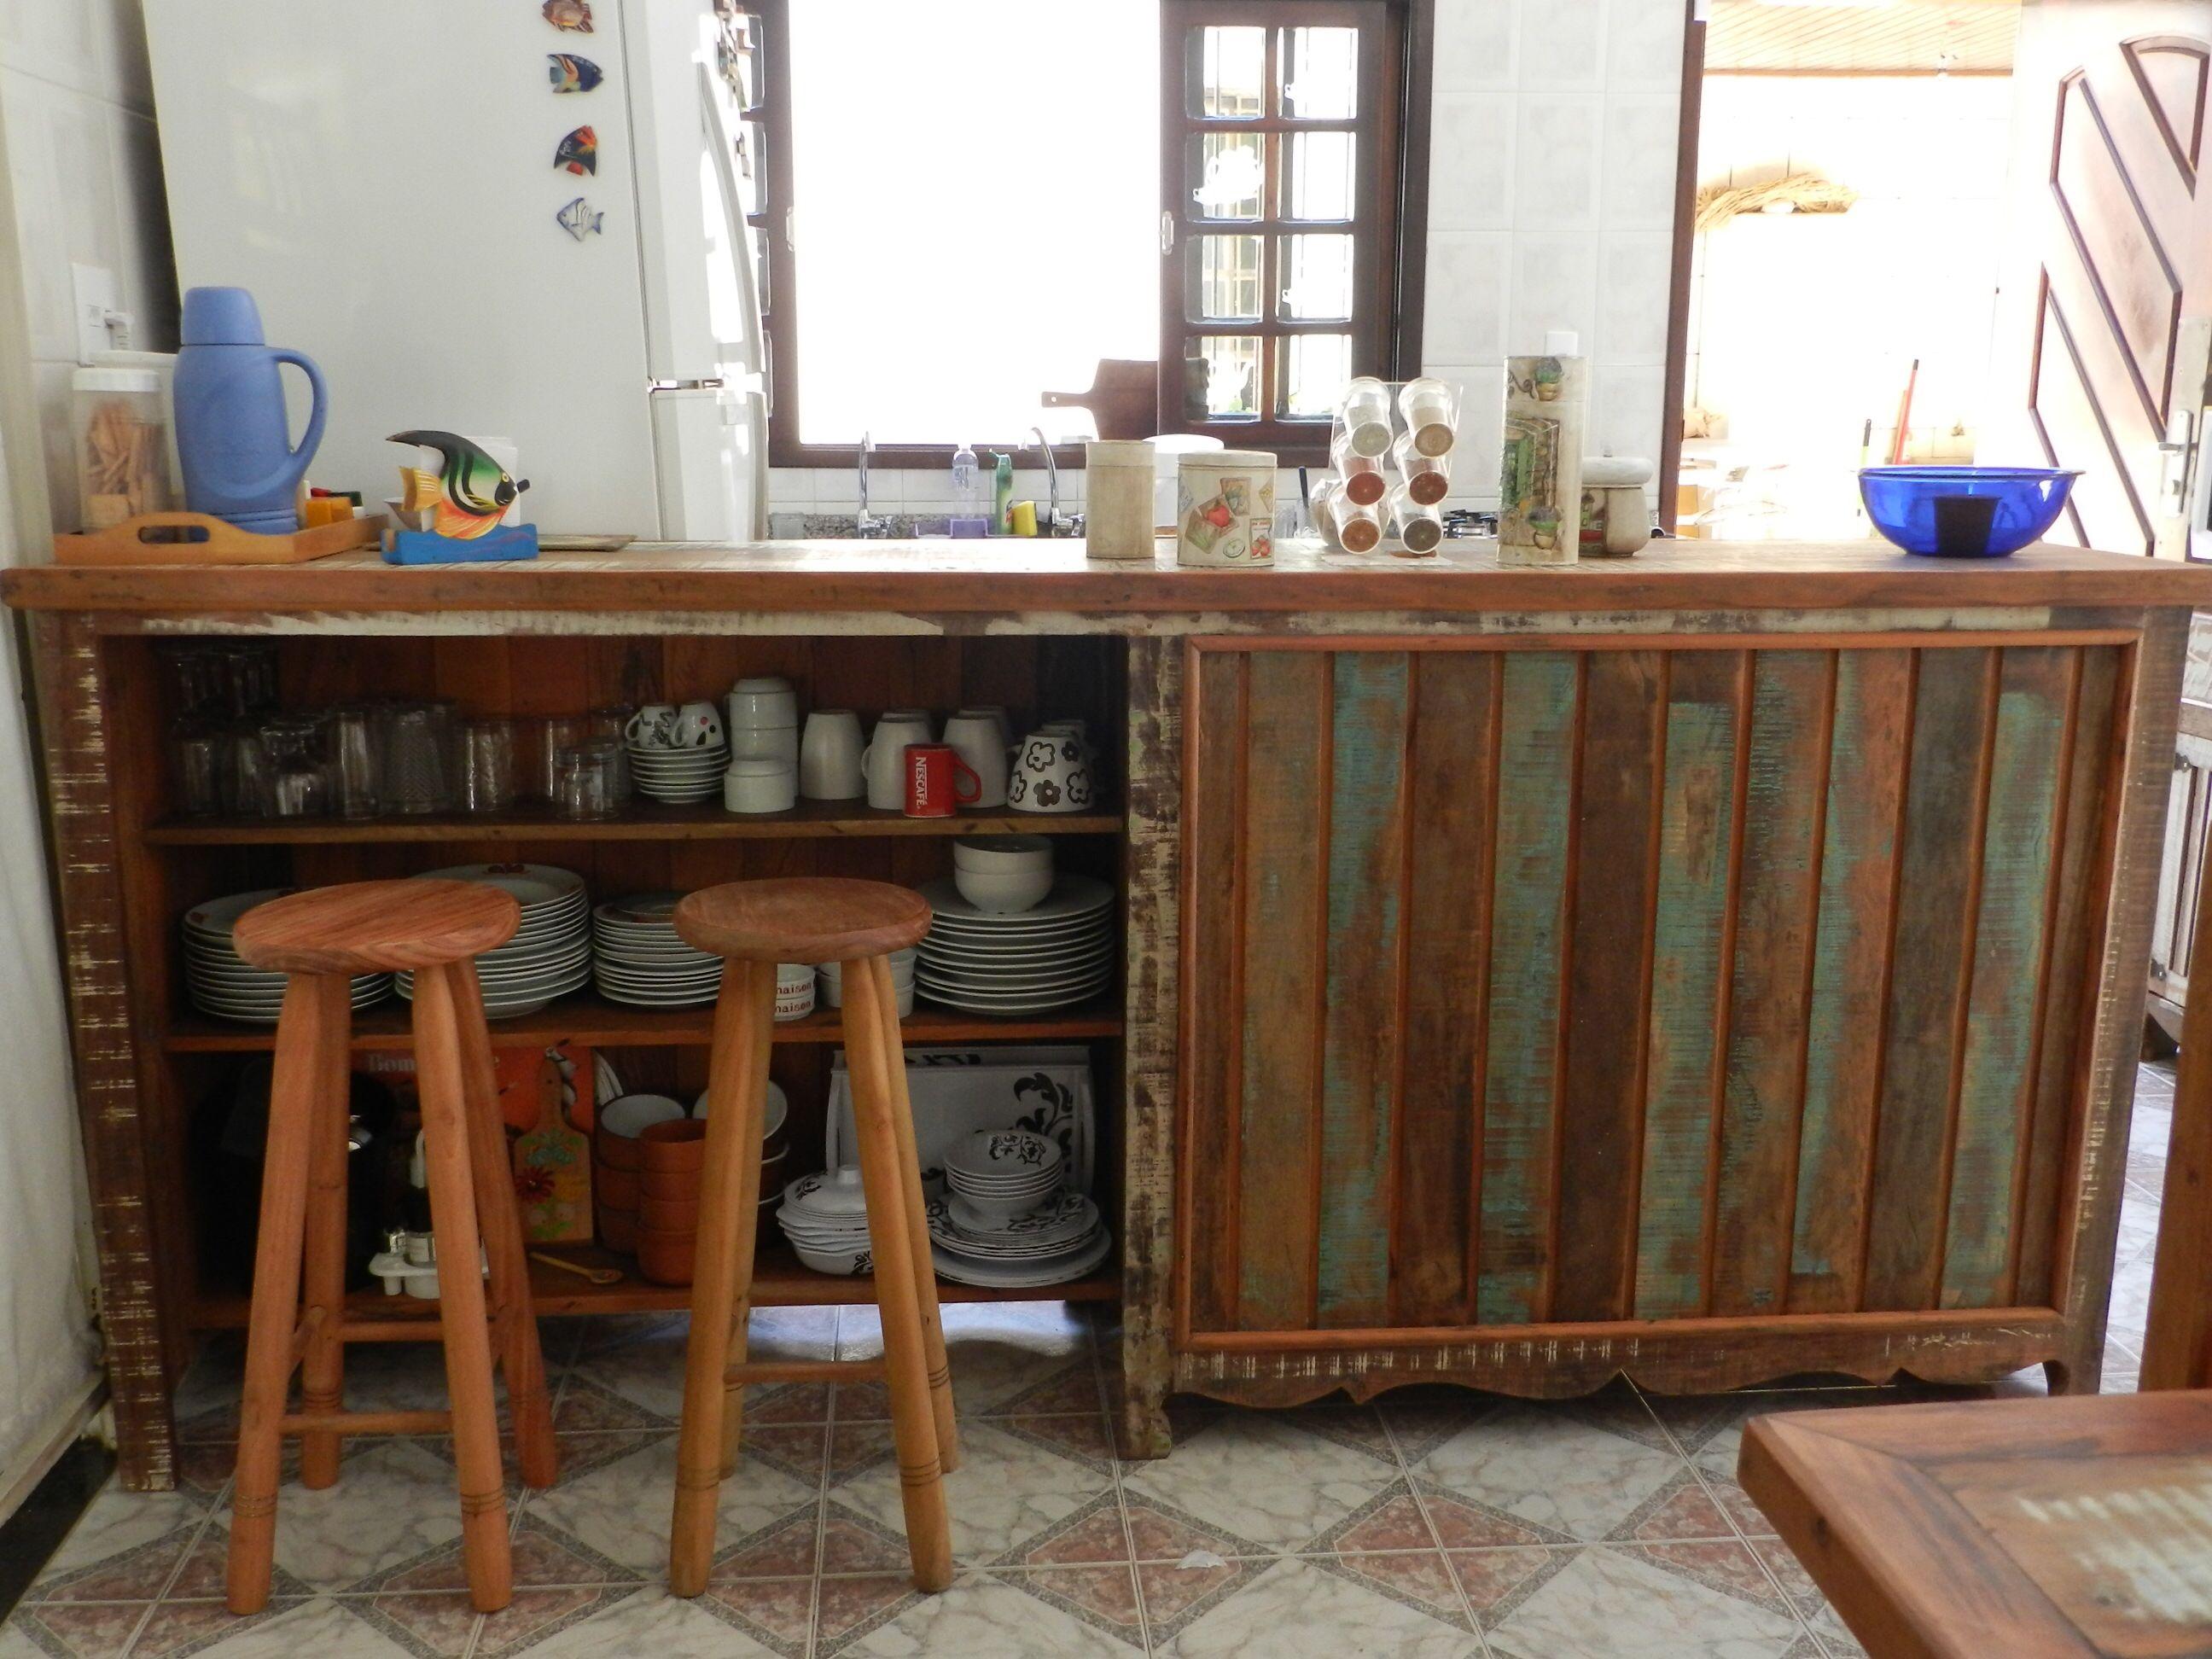 Pin De Val Figueira De Sousa Em Decorando A Casa Cozinha De